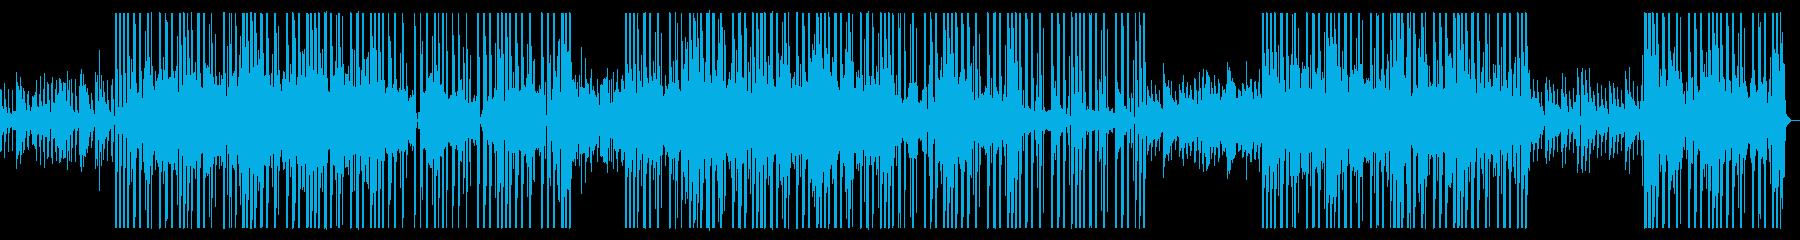 おしゃれR&B系ゆったりポップ、インストの再生済みの波形